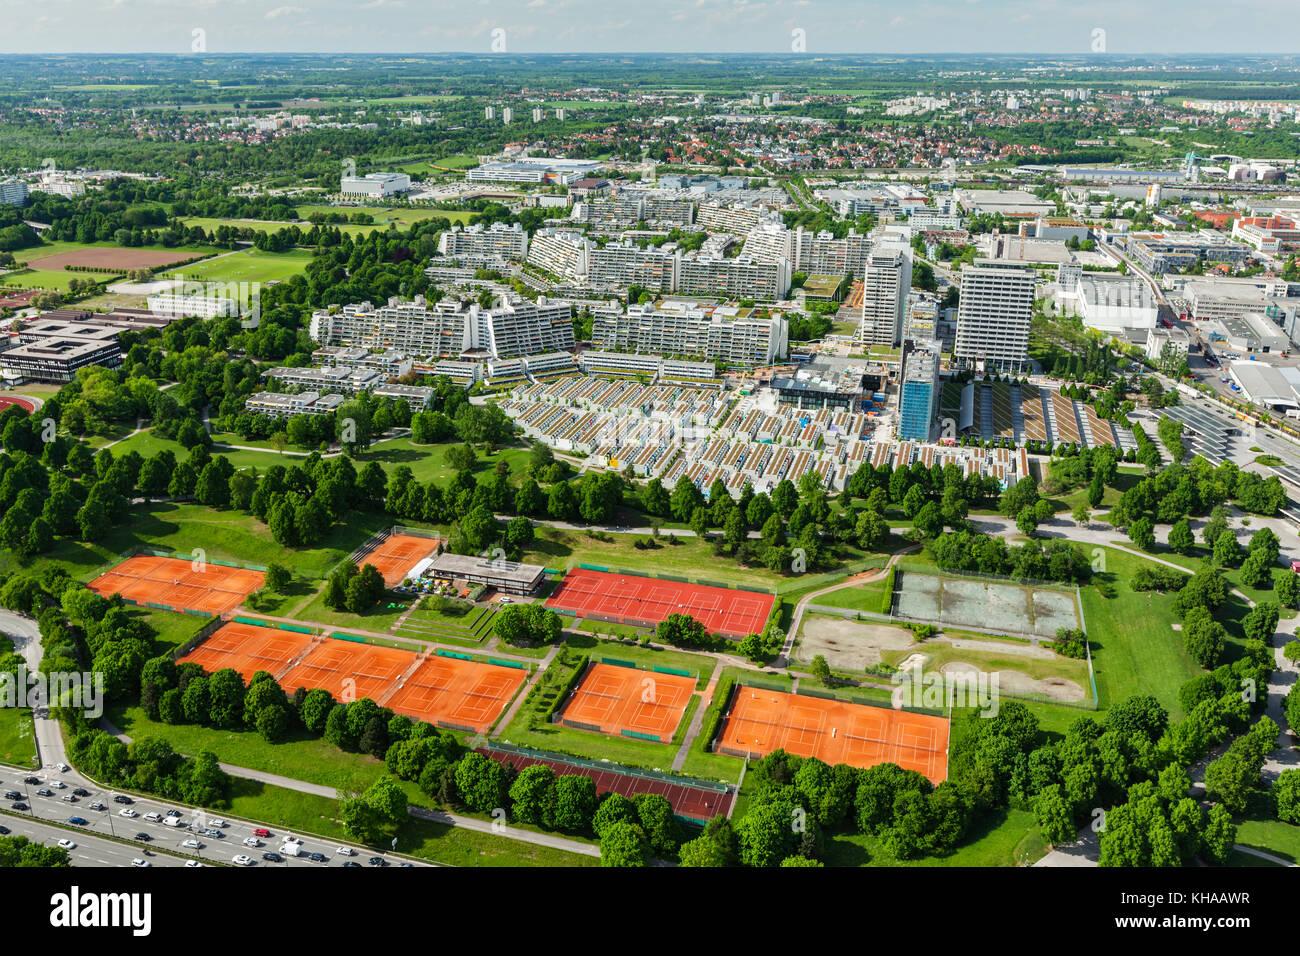 Vista aerea di Monaco di Baviera, Germania Immagini Stock